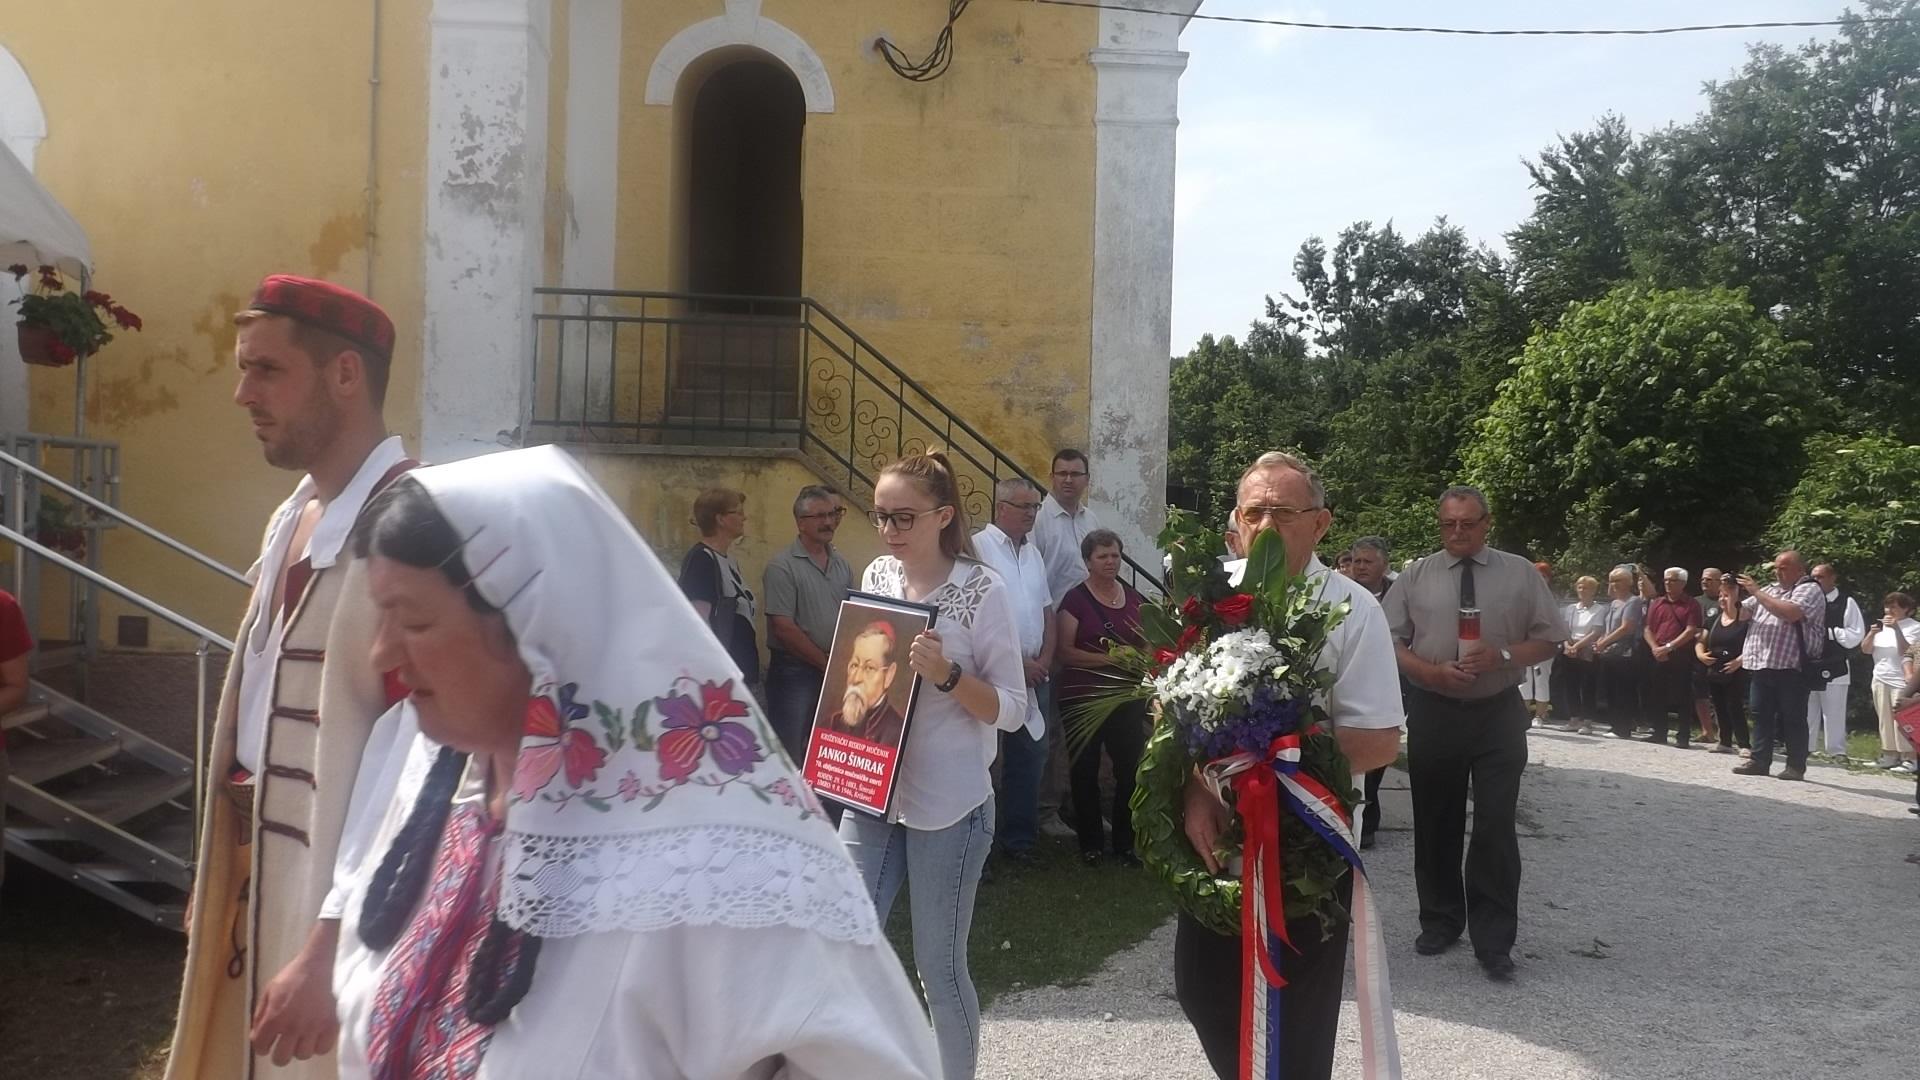 Povodom 70-te godišnjice smrti biskupa Janka Šimraka položen vijenac u ime Žumberačkog narodnog sabora